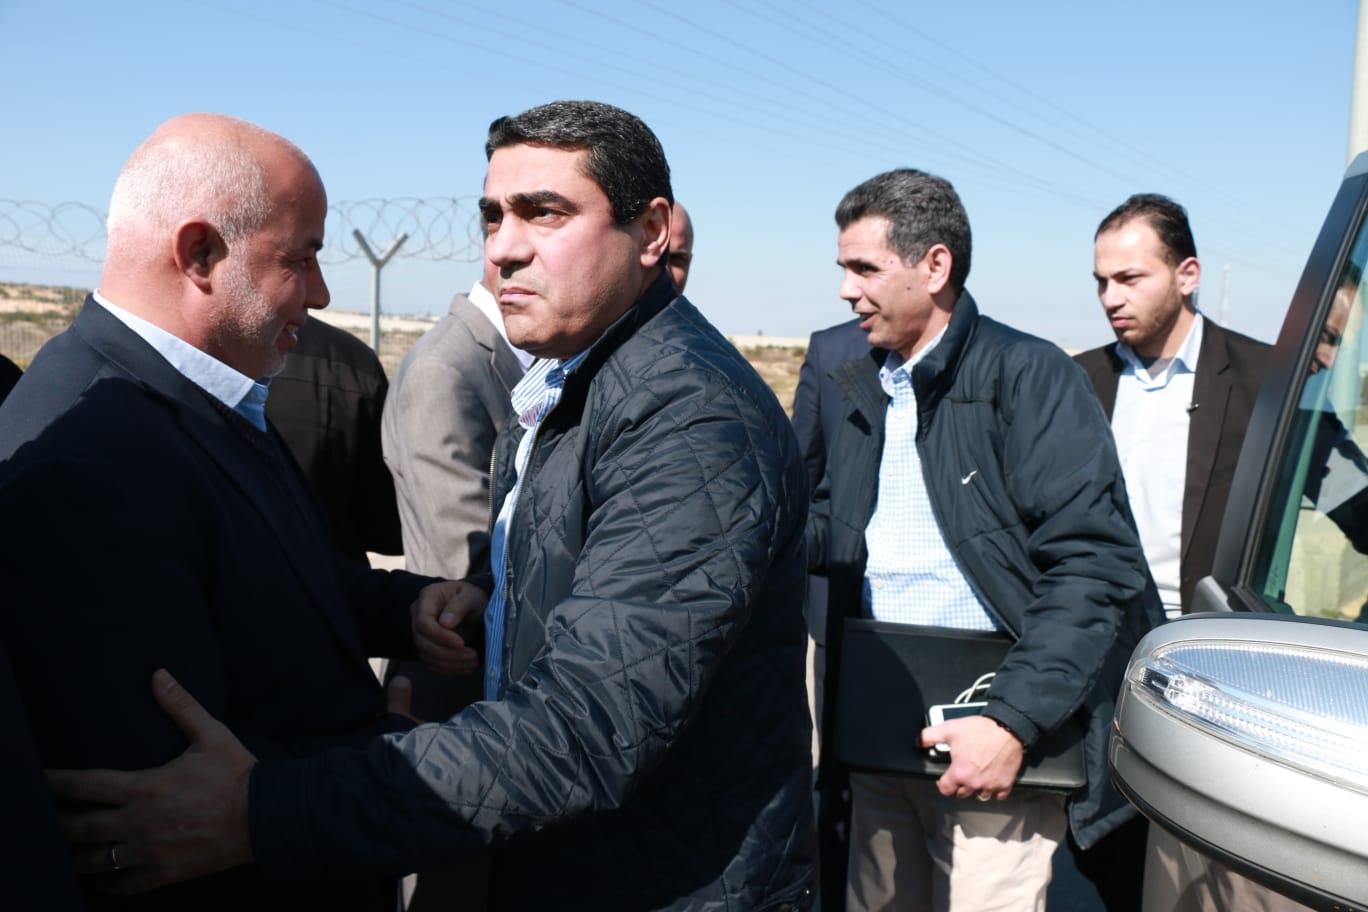 واللا العبري:  تهدئة صغيرة، تهدئة كبيرة: غزة ومصر ينتظران بفارغ الصبر الانتخابات   - سما الإخبارية